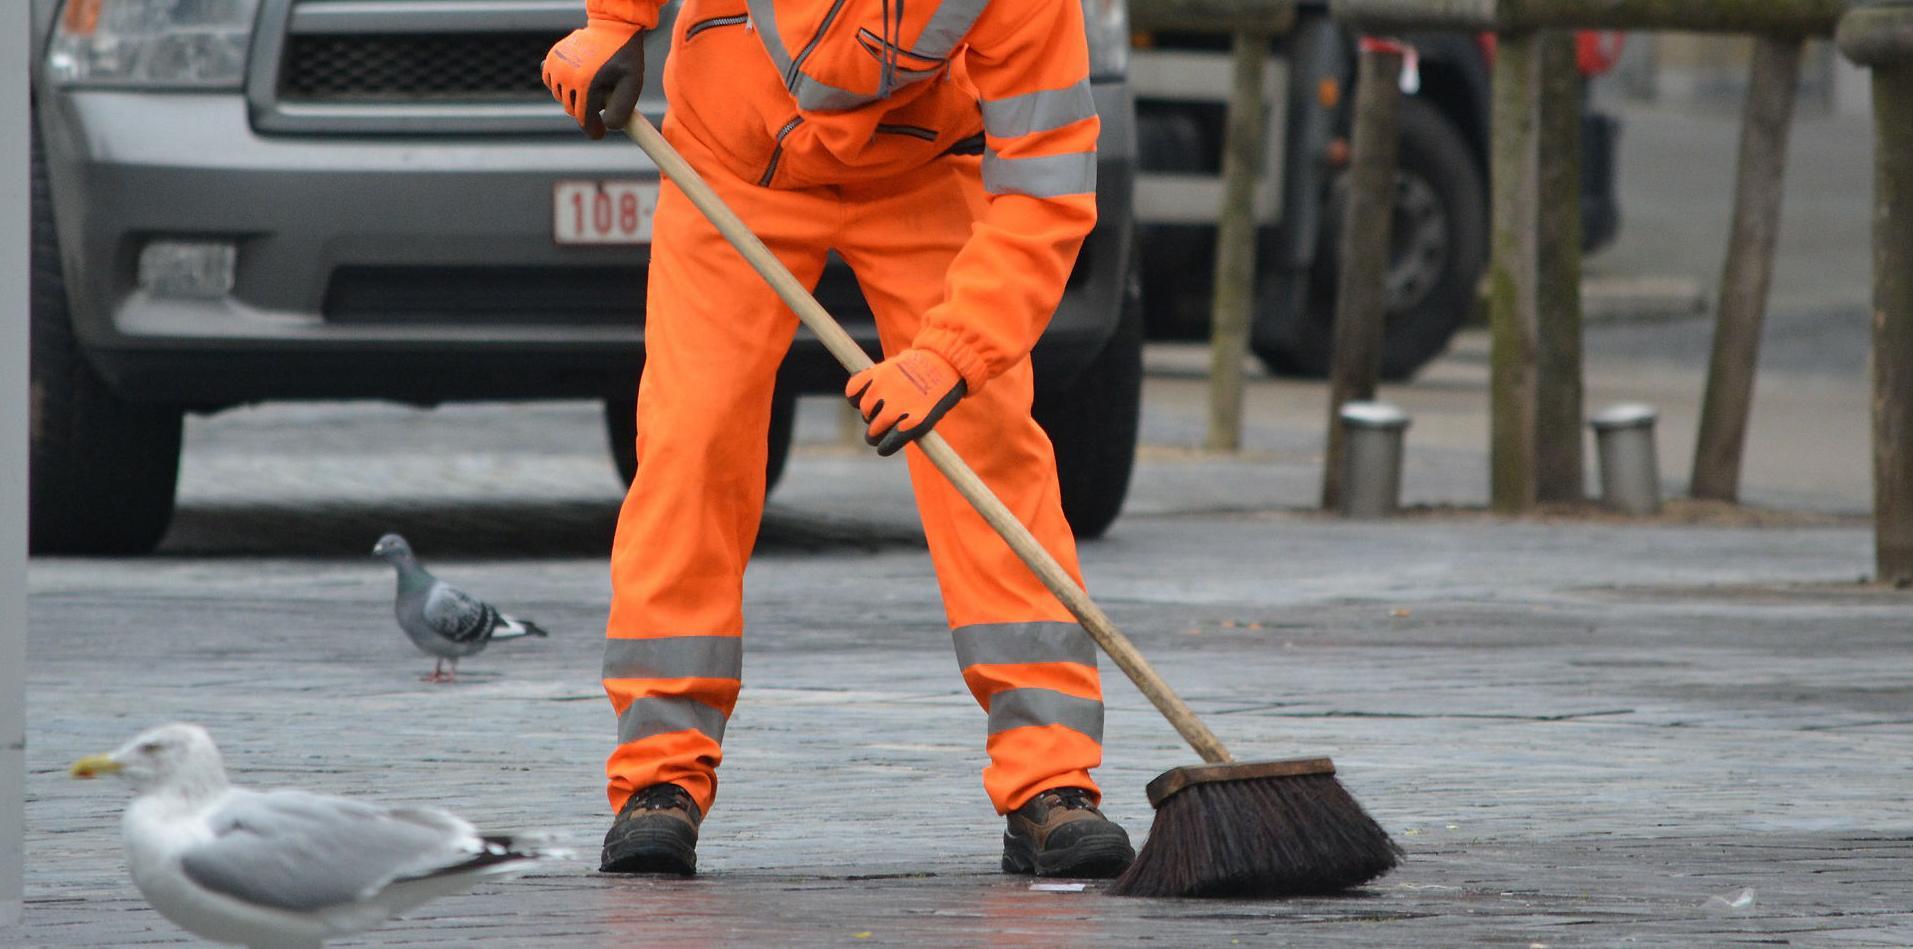 Limpieza de calles y vías públicas